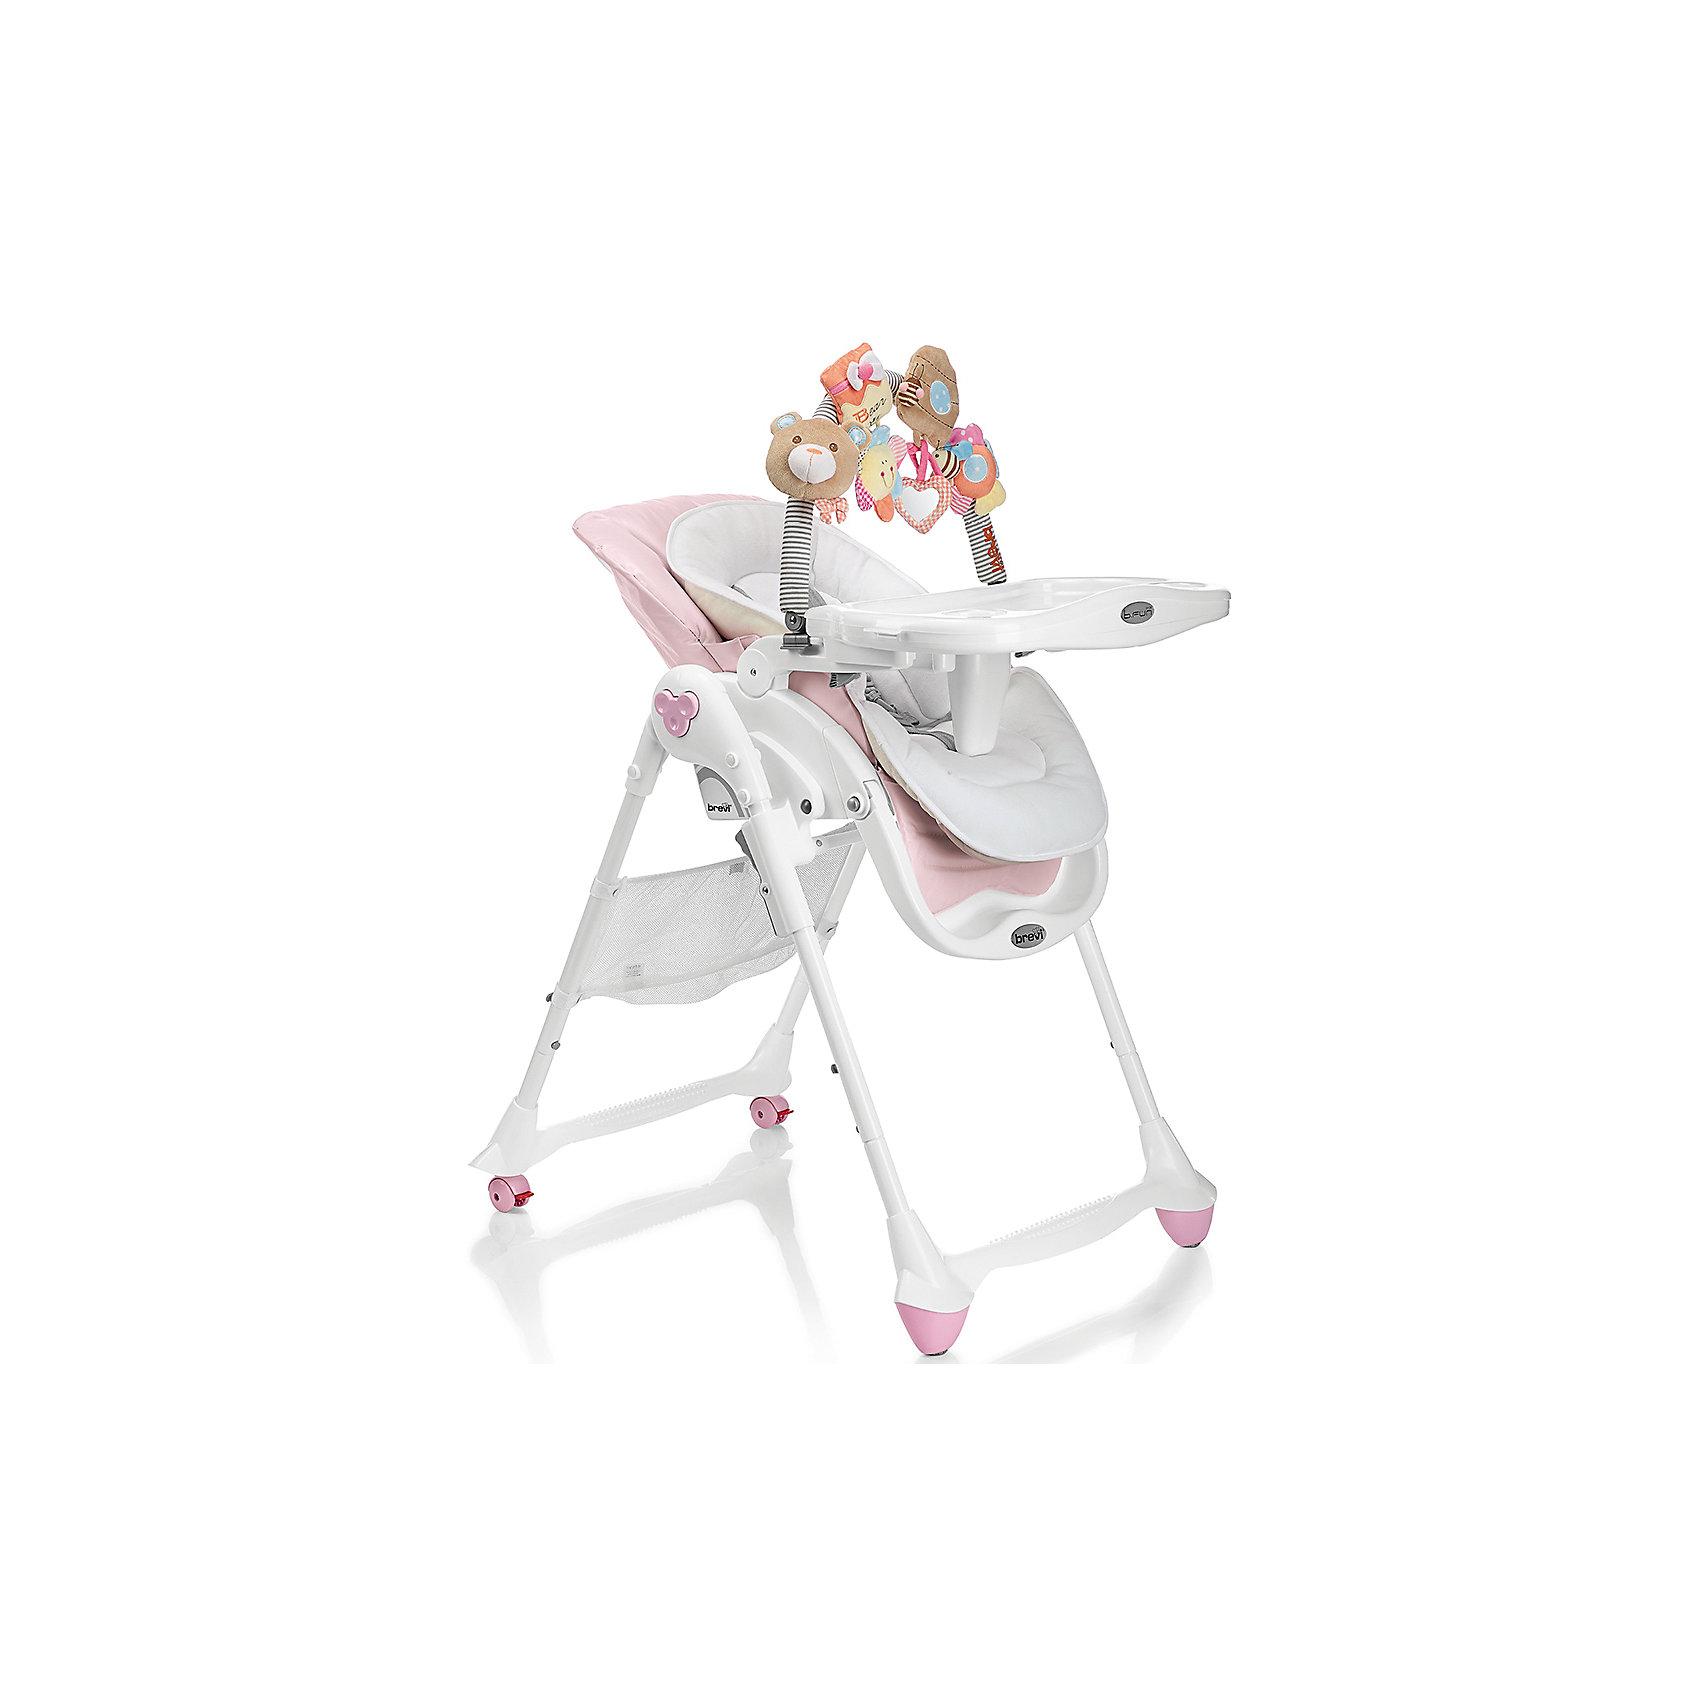 Стульчик для кормления B-Fun, Brevi, розовыйот рождения<br>B-Fun, Brevi (брэви) – удобный стульчик для кормления ребенка. Особенность этого стульчика в трех положениях наклона спинки, включая горизонтальное. Благодаря этому, стульчик можно использовать в качестве шезлонга уже с рождения. Имеет 3 положения регулировки подножки, съемный поддон с двумя углублениями для стаканов или бутылочек, который легко снимается и крепится сзади стульчика, регулируемые по росту ребенка ремни безопасности.  Задние колеса с фиксаторами для удобства перемещения по квартире.  Стульчик изготовлен из натуральных тканей, легко моется и занимает мало места в собранном виде.  В комплекте имеется съемная регулируемая дуга с игрушками: лодочка, автобус с кроликом, издающим звуки, домик с погремушкой, полоска со звуковым эффектом. Такой стульчик станет лучшим выбором для малыша.<br>Особенности и преимущества:<br>-стульчик можно использовать с рождения<br>-3 положения спинки<br>-углубления для стаканов и бутылочек<br>-дуга с игрушками для развития малыша<br>Размеры: 90x82x62 см<br>Вес: 11,8 кг<br>Вы можете приобрести стульчик для кормления B-Fun в нашем интернет-магазине.<br><br>Ширина мм: 900<br>Глубина мм: 620<br>Высота мм: 530<br>Вес г: 11800<br>Возраст от месяцев: 0<br>Возраст до месяцев: 36<br>Пол: Женский<br>Возраст: Детский<br>SKU: 4902079